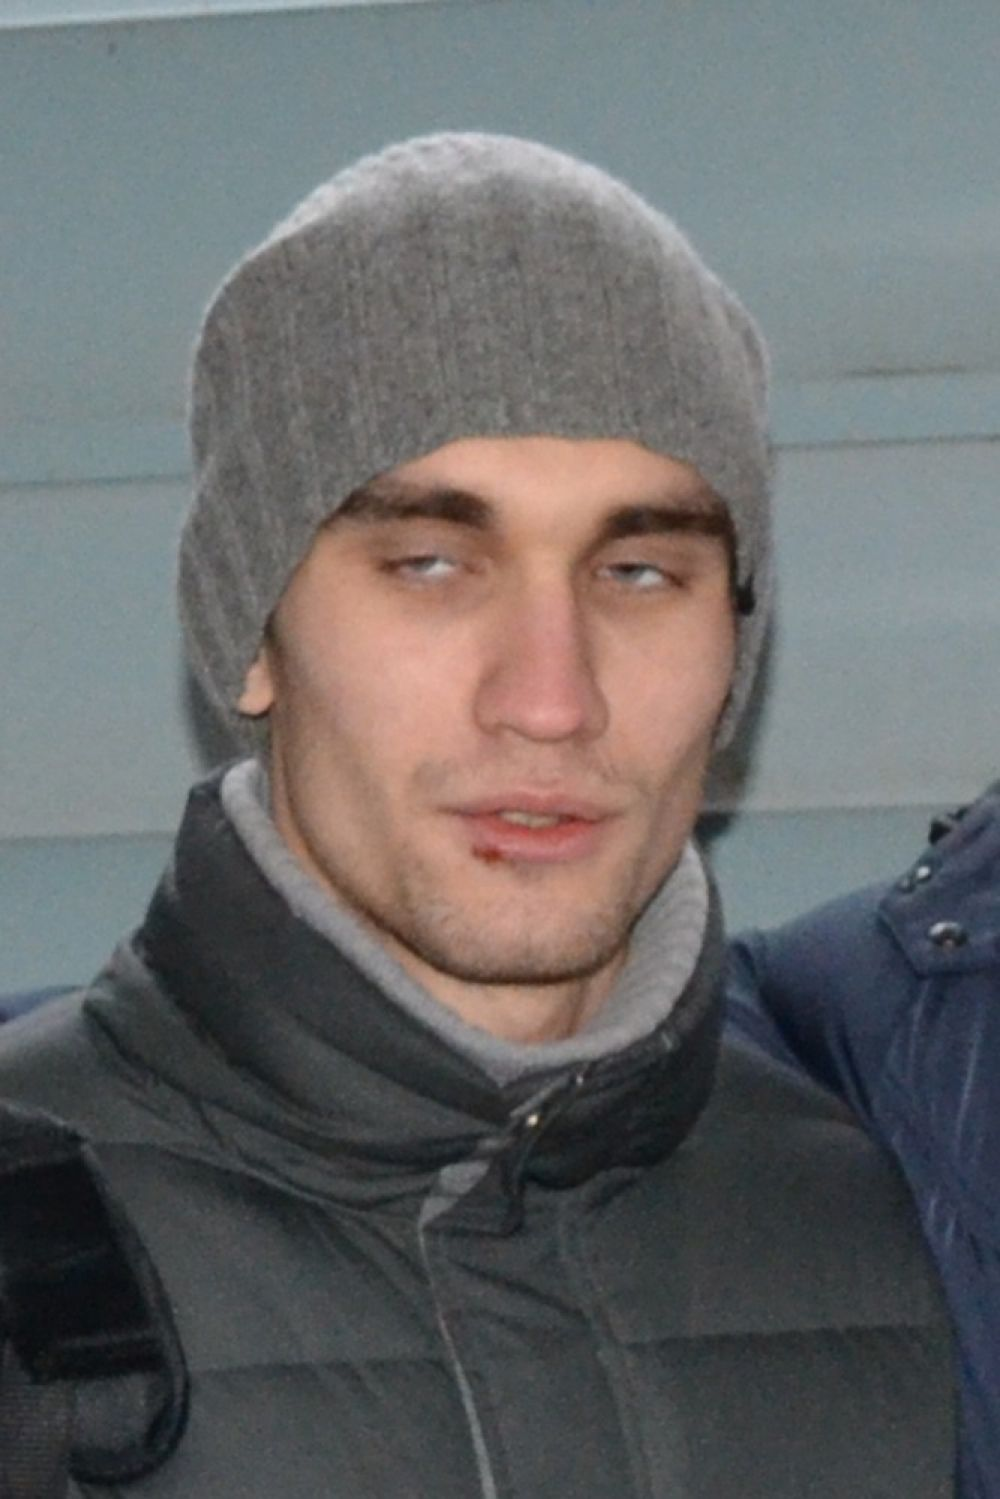 Феодосийская полиция разыскивает пропавшего парня